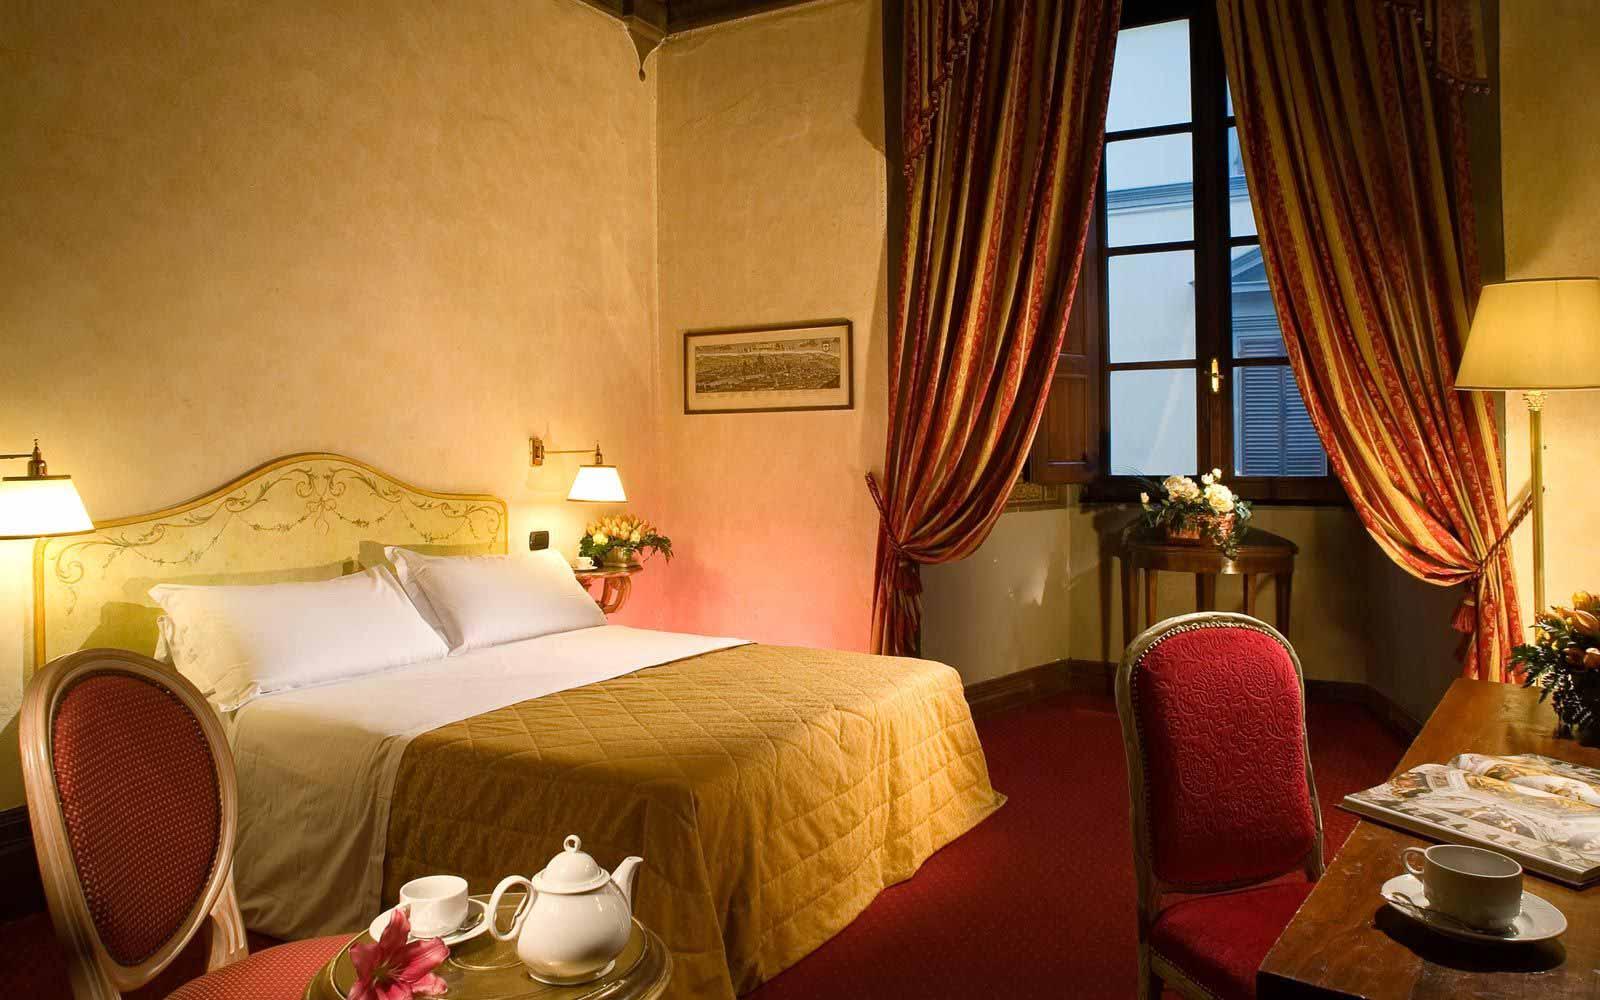 Classic room at Hotel Paris